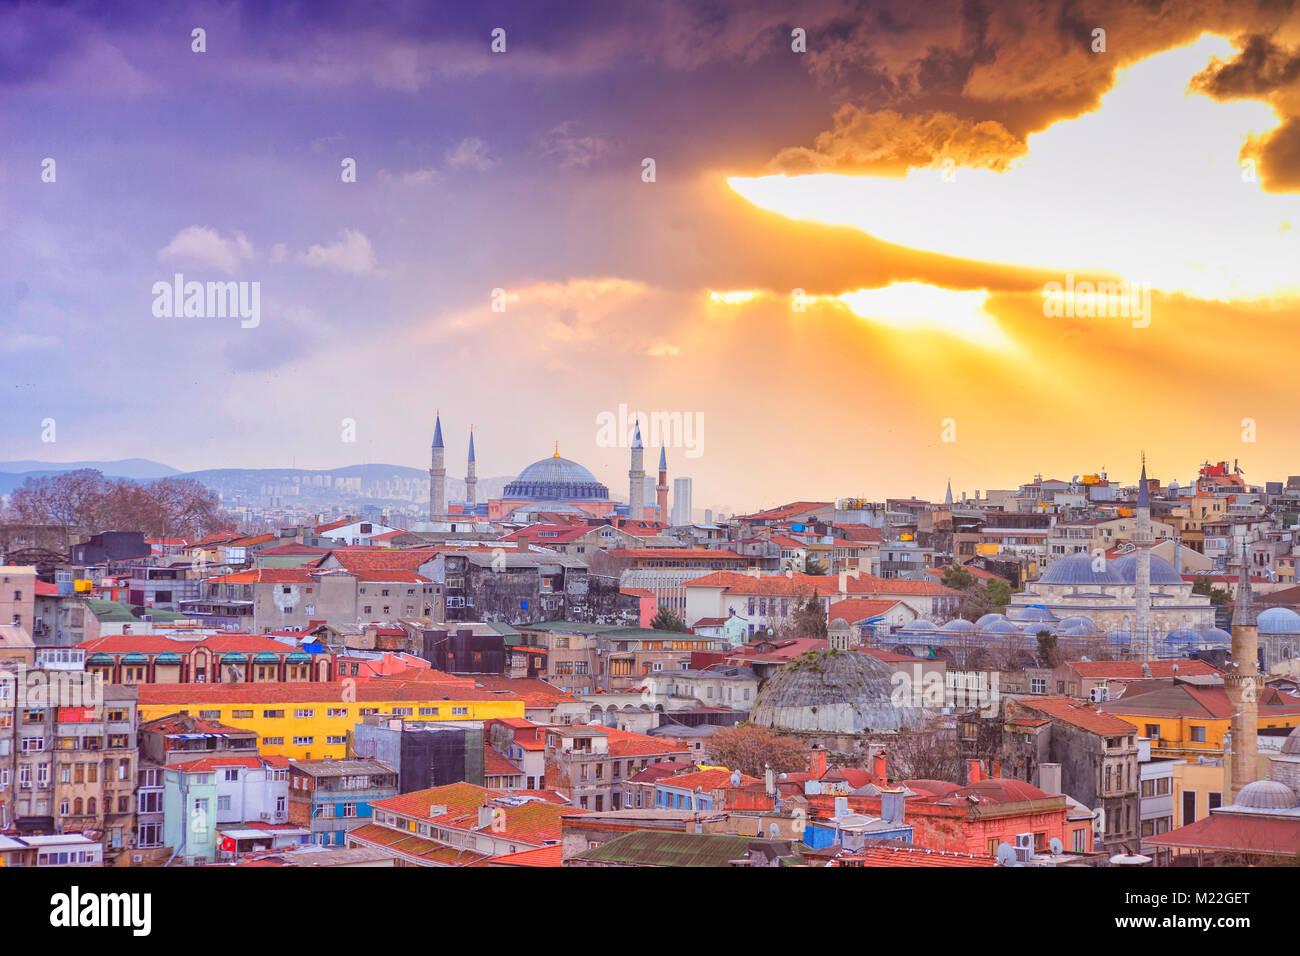 Istanbul vista dalla sommità del tetto che ha posto la città interna Immagini Stock